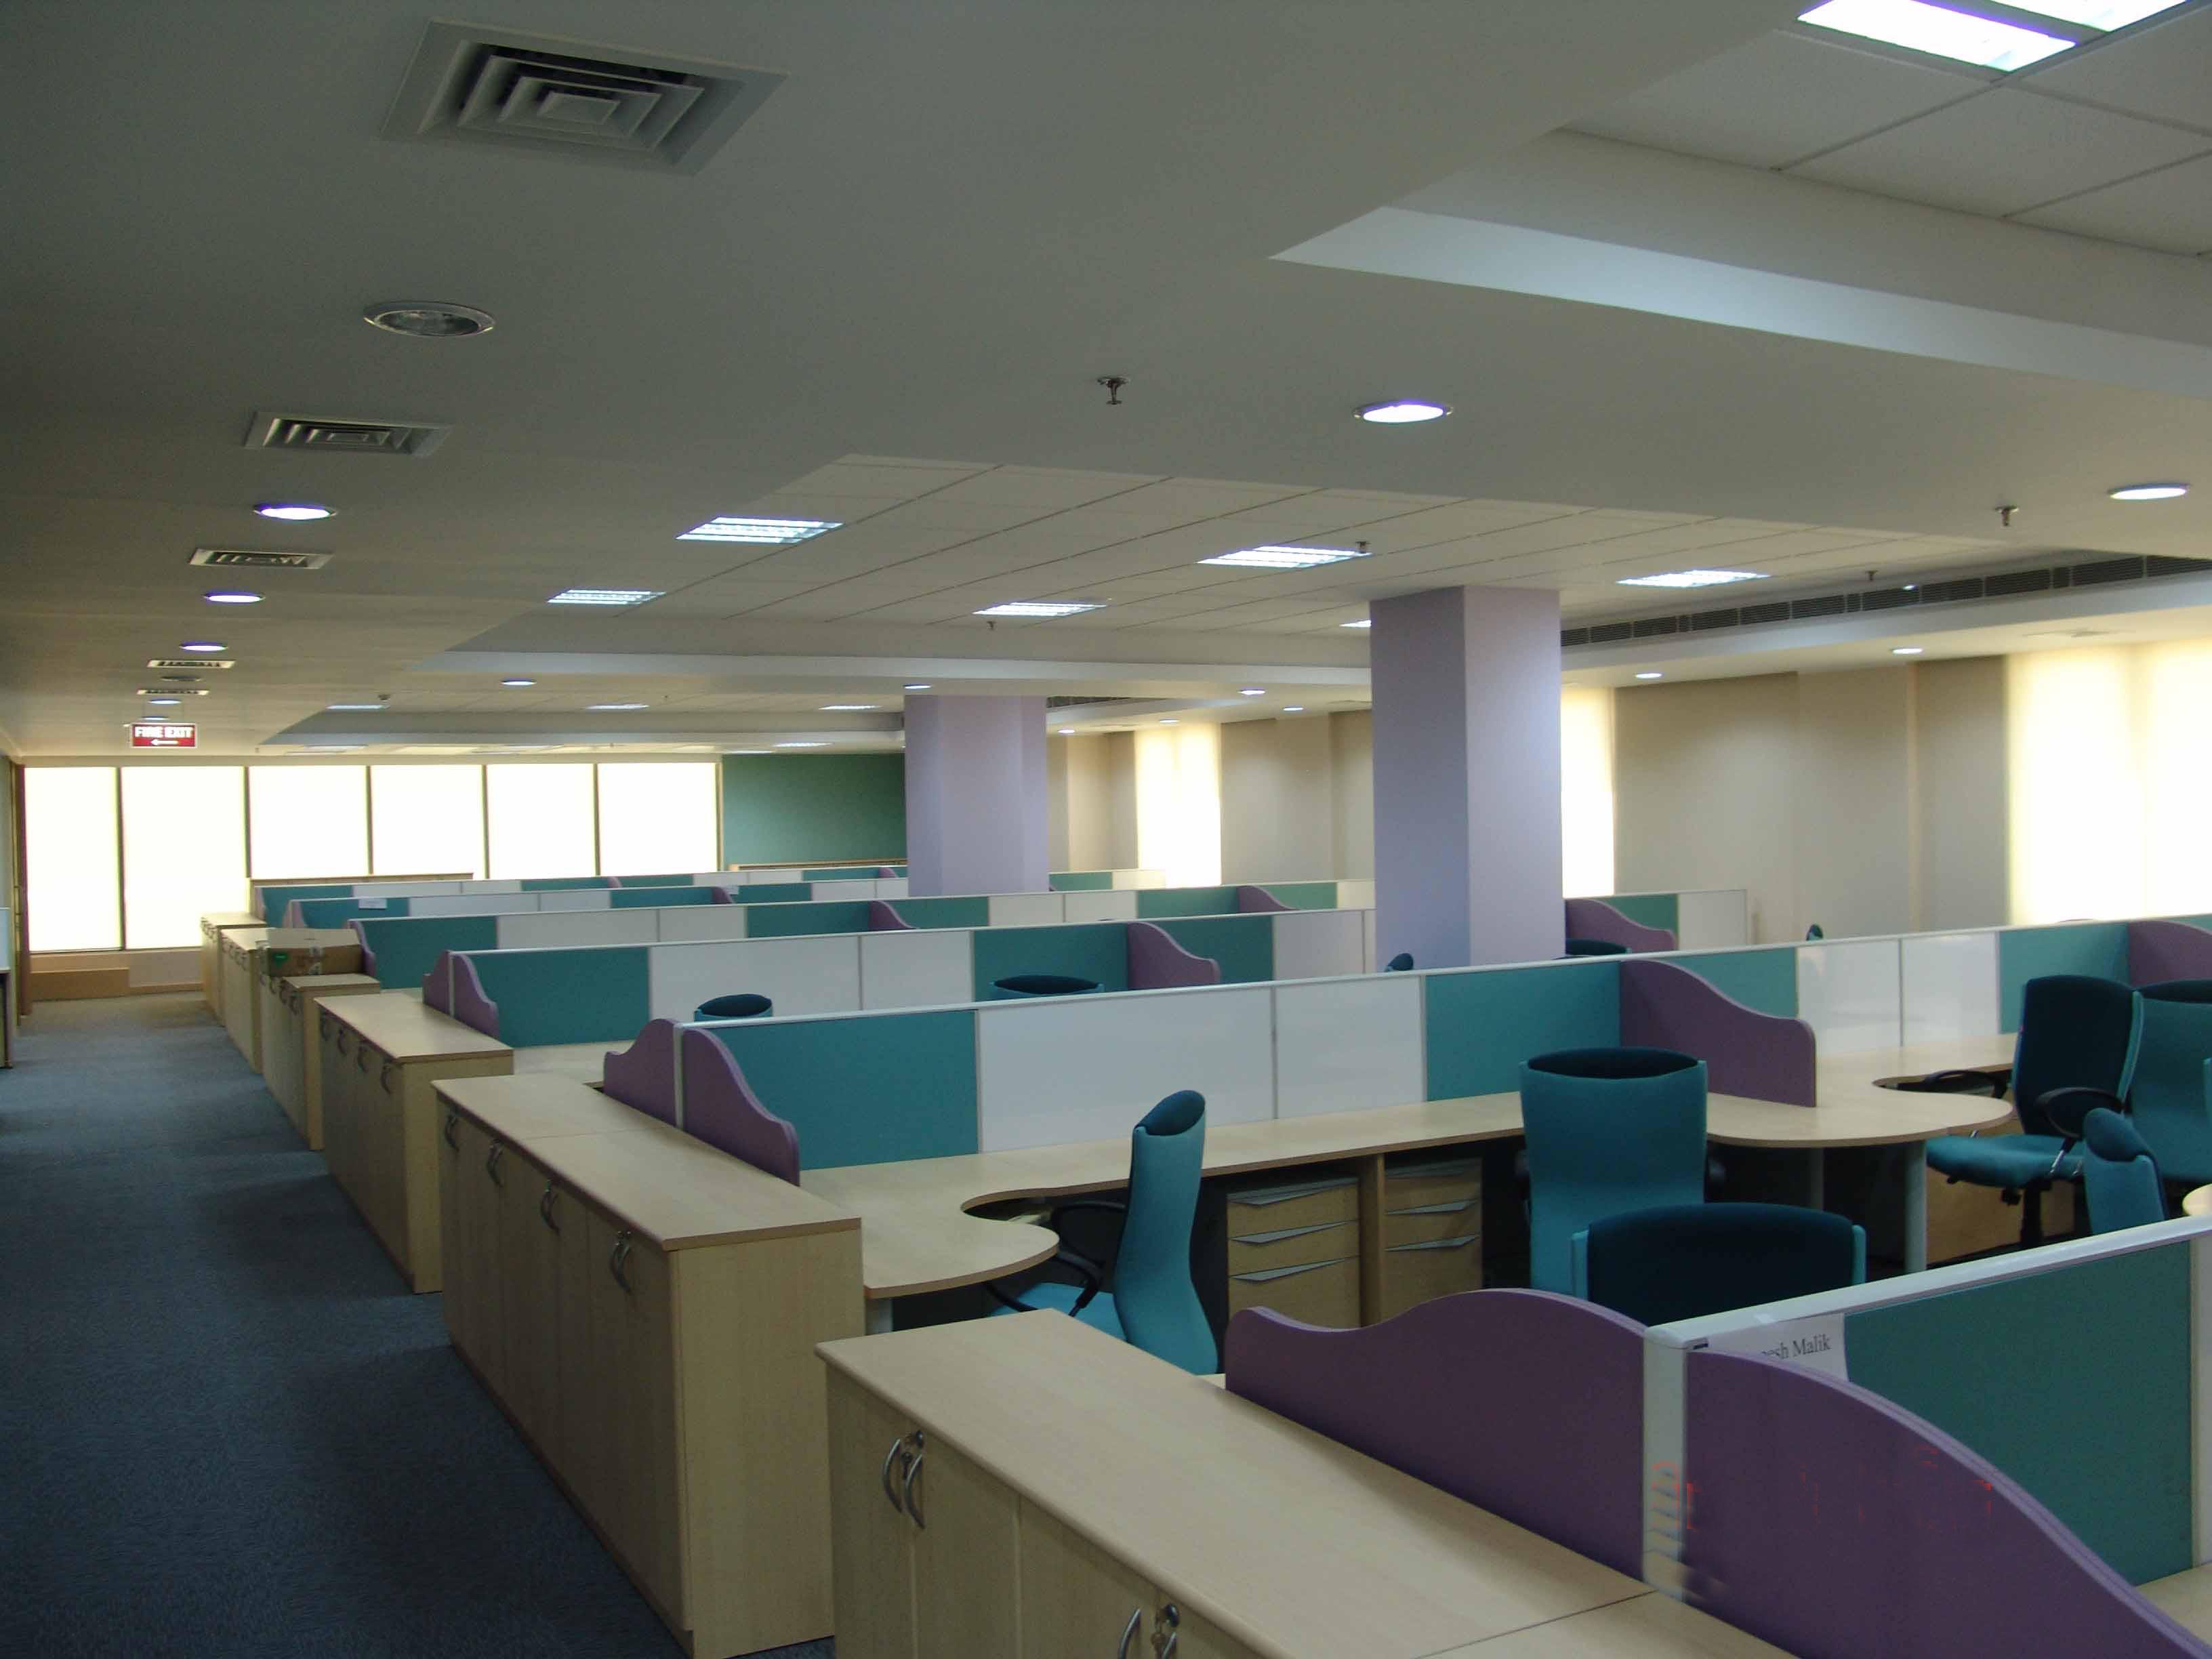 Thị trường cho thuê văn phòng châu Á chật vật giai đoạn tái mở cửa kinh tế do dịch Covid-19 - Ảnh 4.